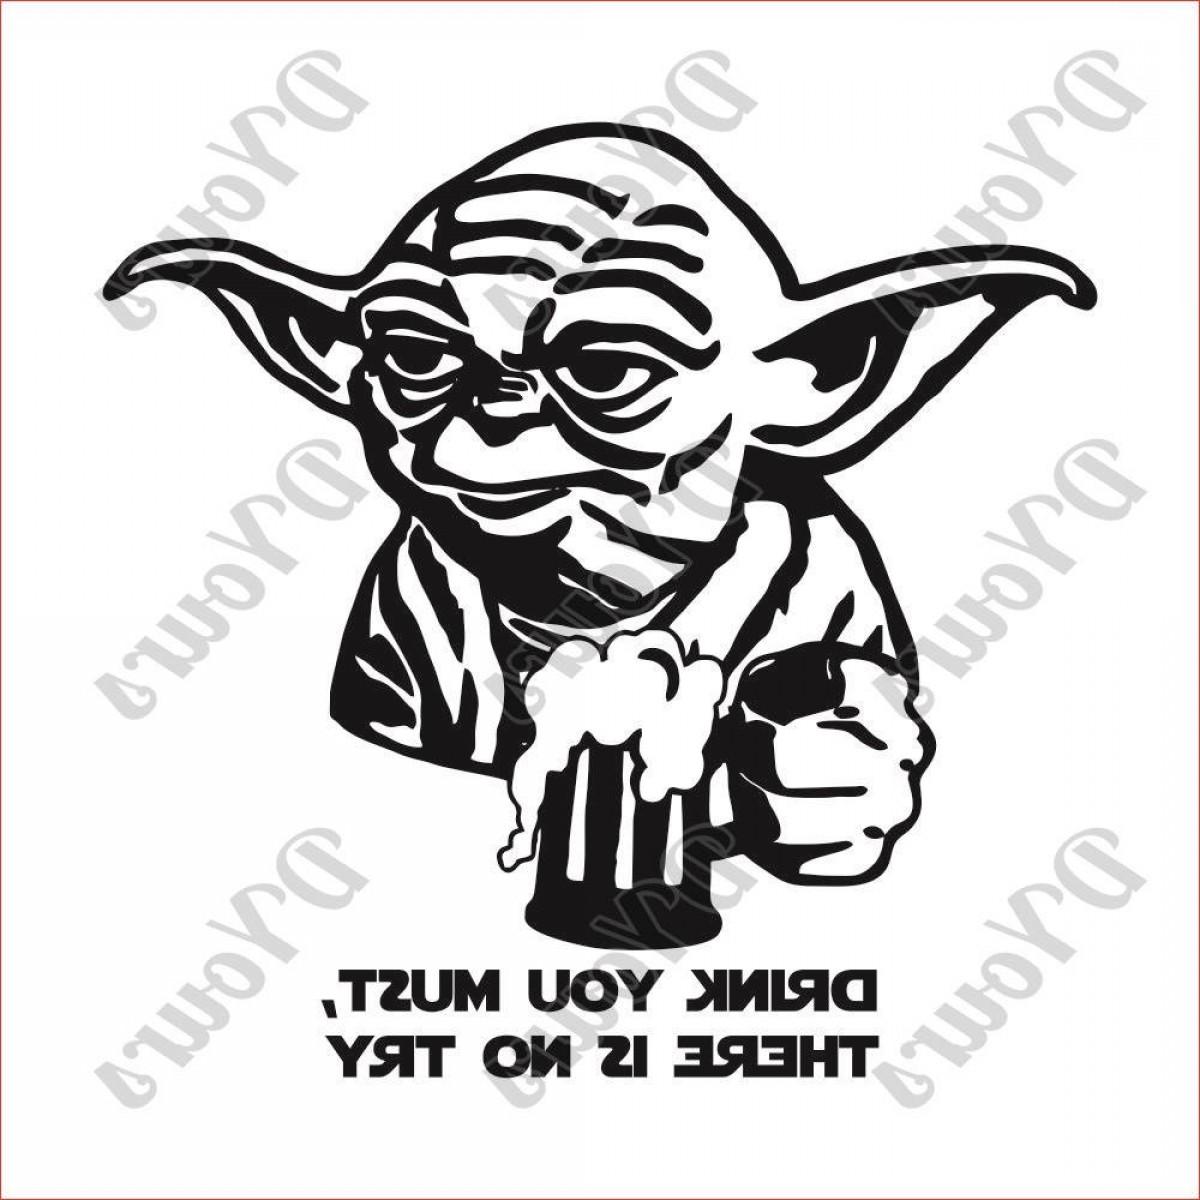 Yoda Vector Image At Getdrawings